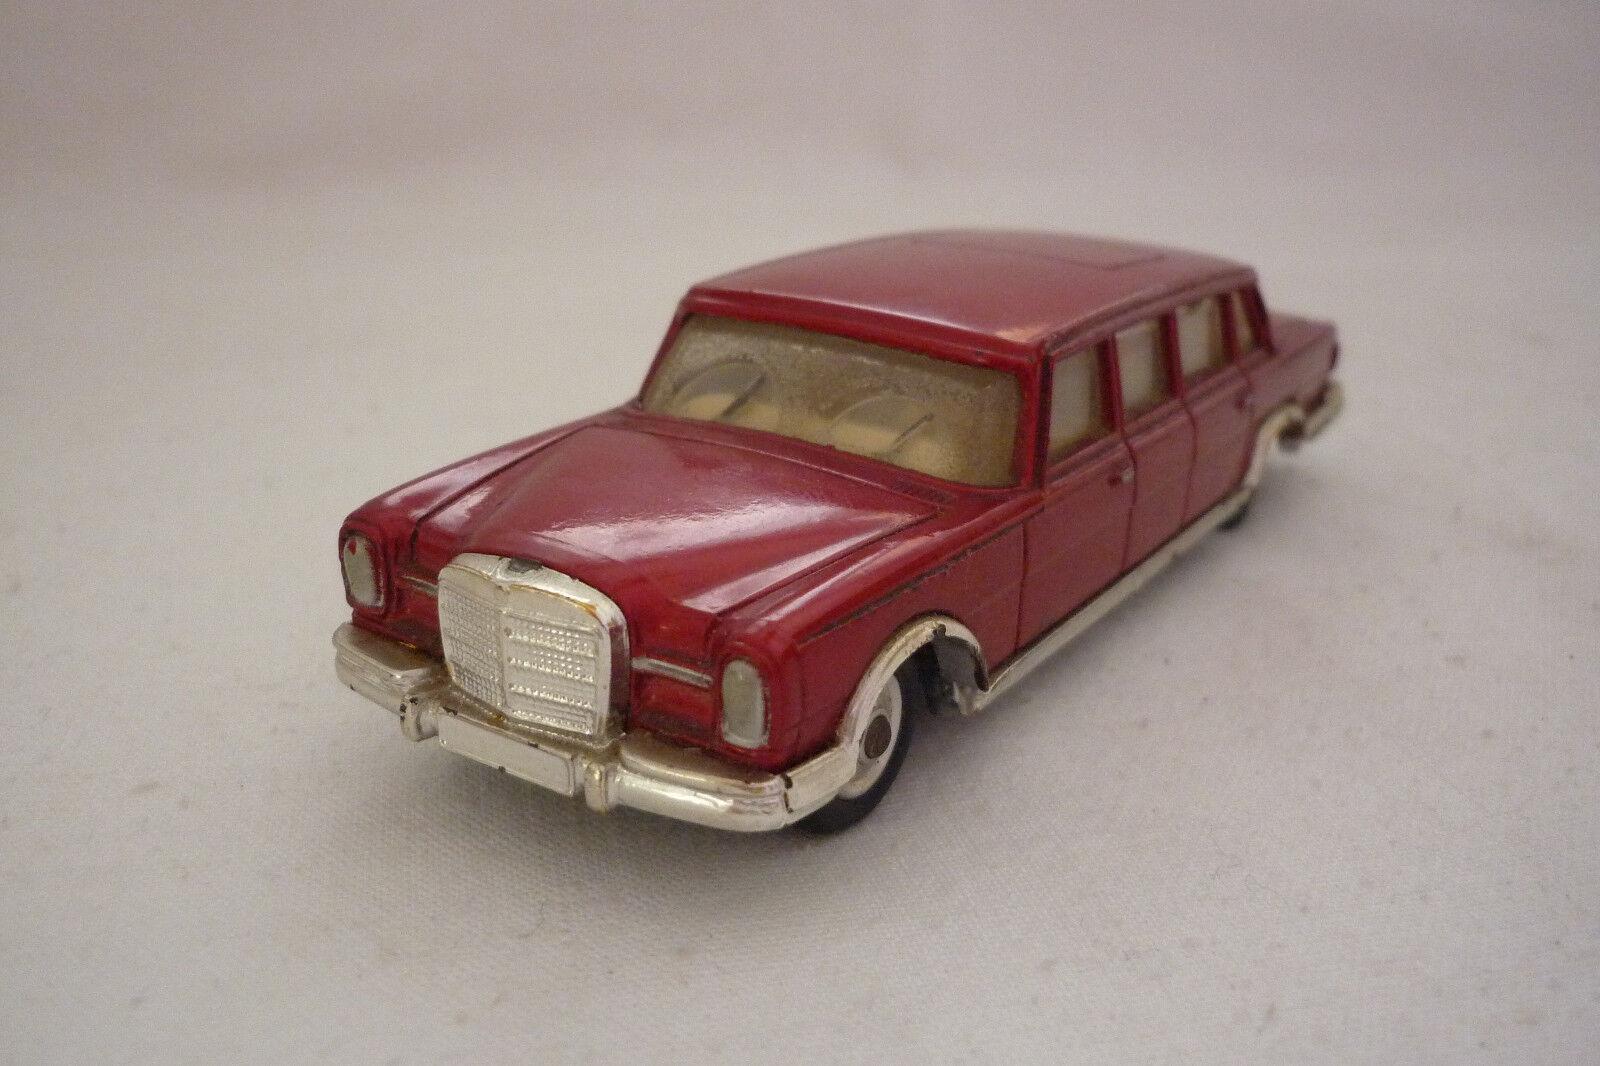 Corgi Toys-Vintage Métal Modèle-Mercedes-Benz 600 Pullman-Corgi (22)